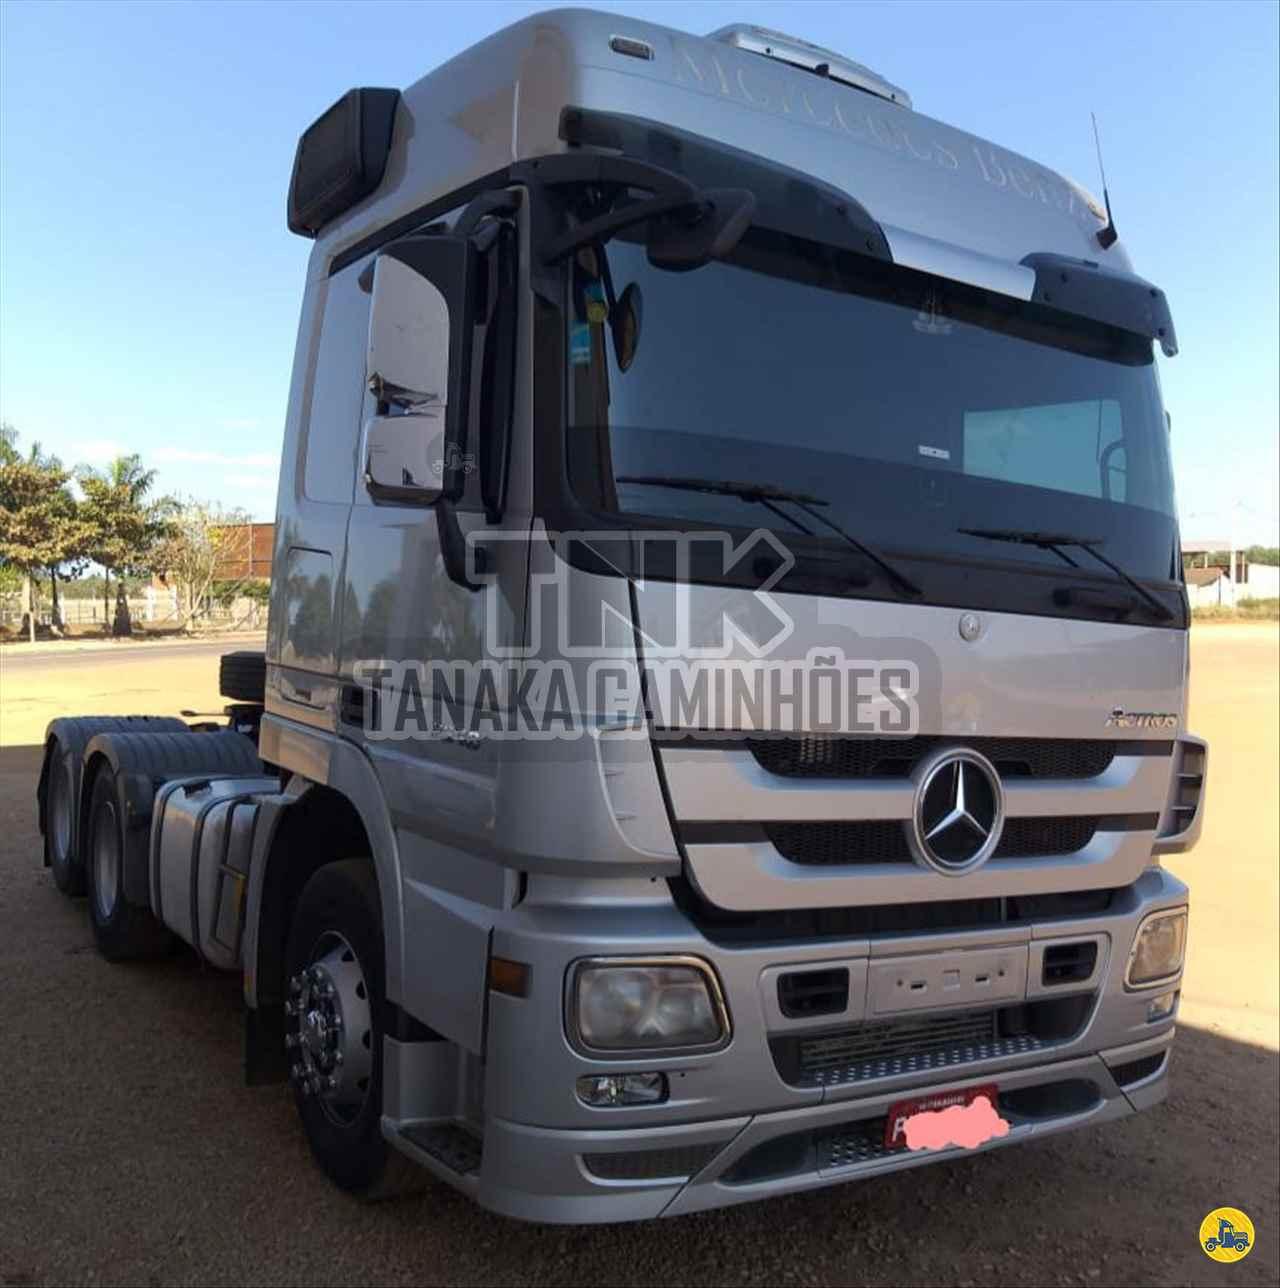 CAMINHAO MERCEDES-BENZ MB 2546 Cavalo Mecânico Truck 6x2 Tanaka Caminhões MONTES CLAROS MINAS GERAIS MG